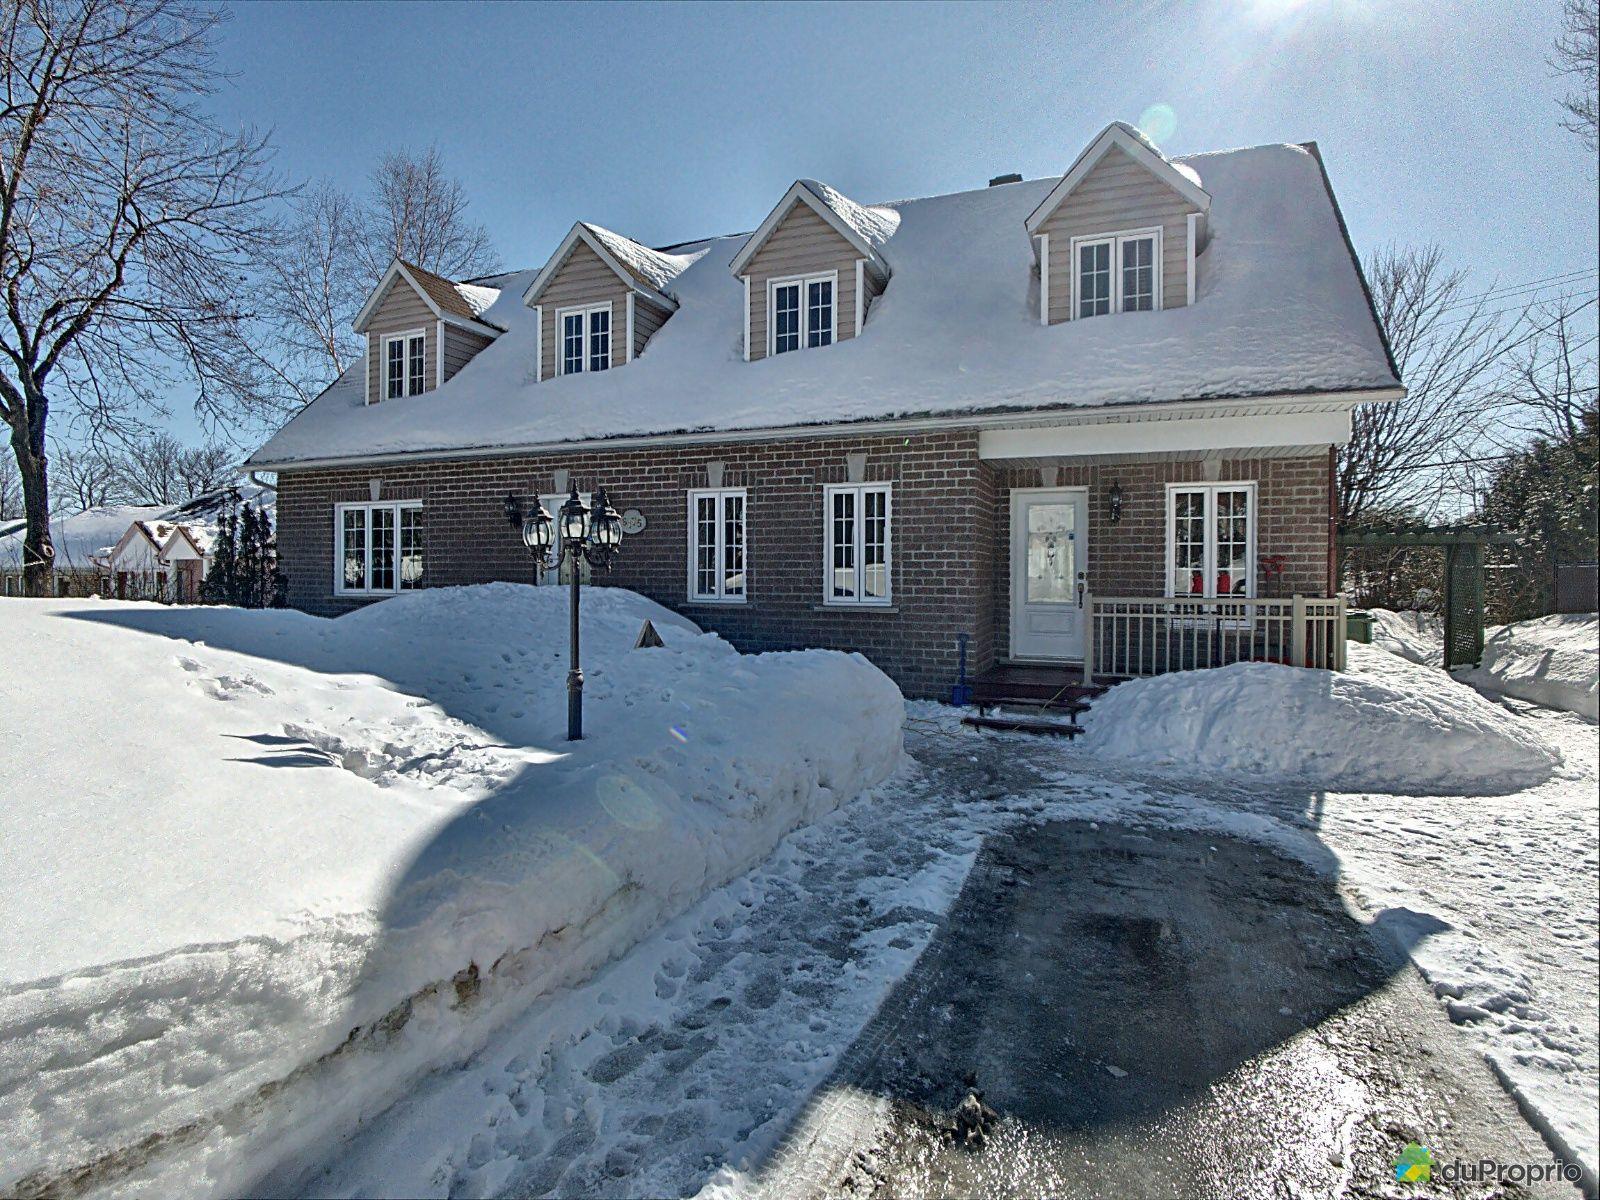 Winter Front - 6175 rue des Feuillus, St-Émile for sale